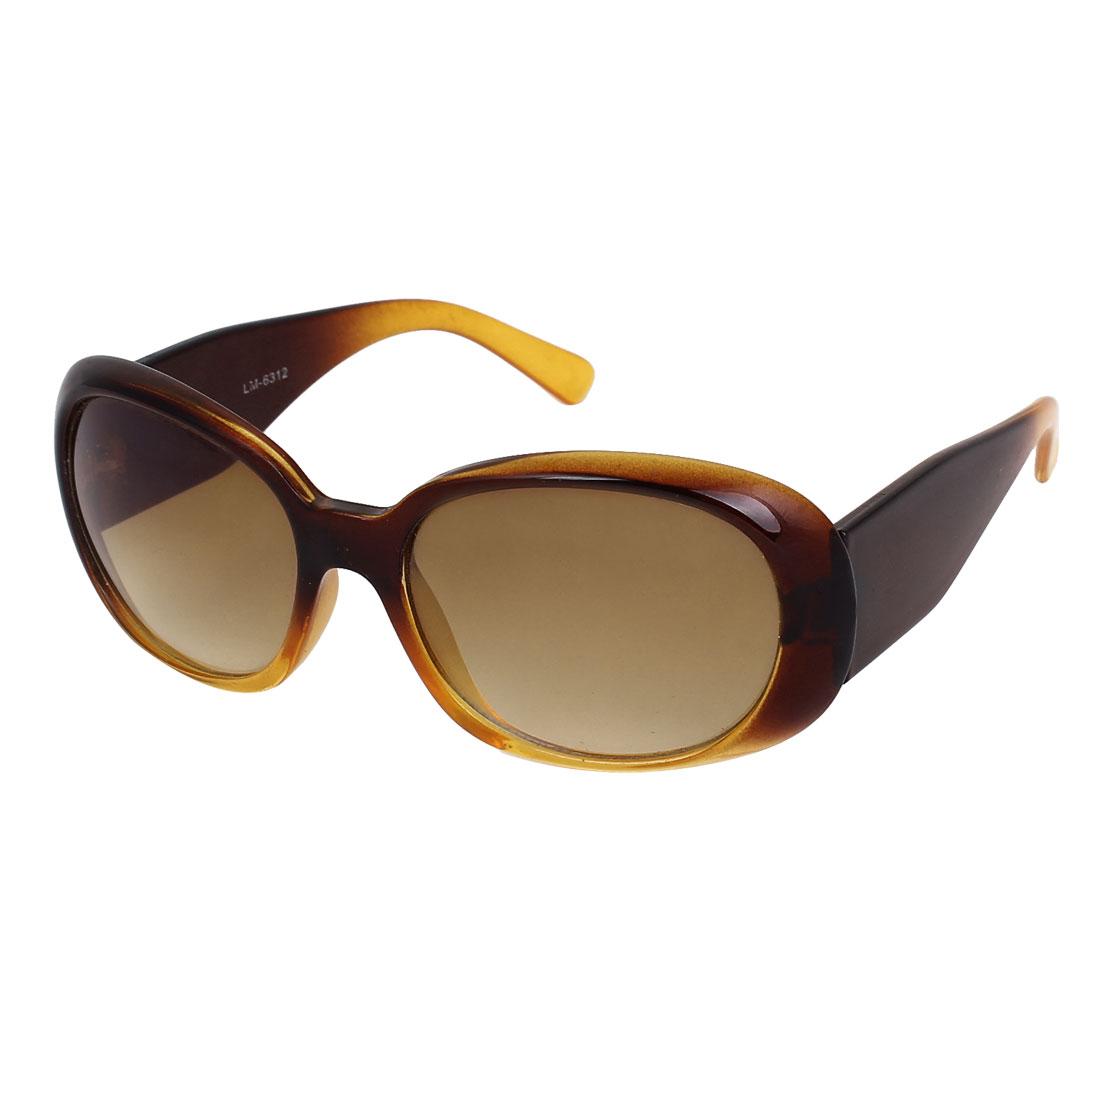 Women Plastic Full Frame Single Bridge Oval Lens Eyes Sunglasses Brown